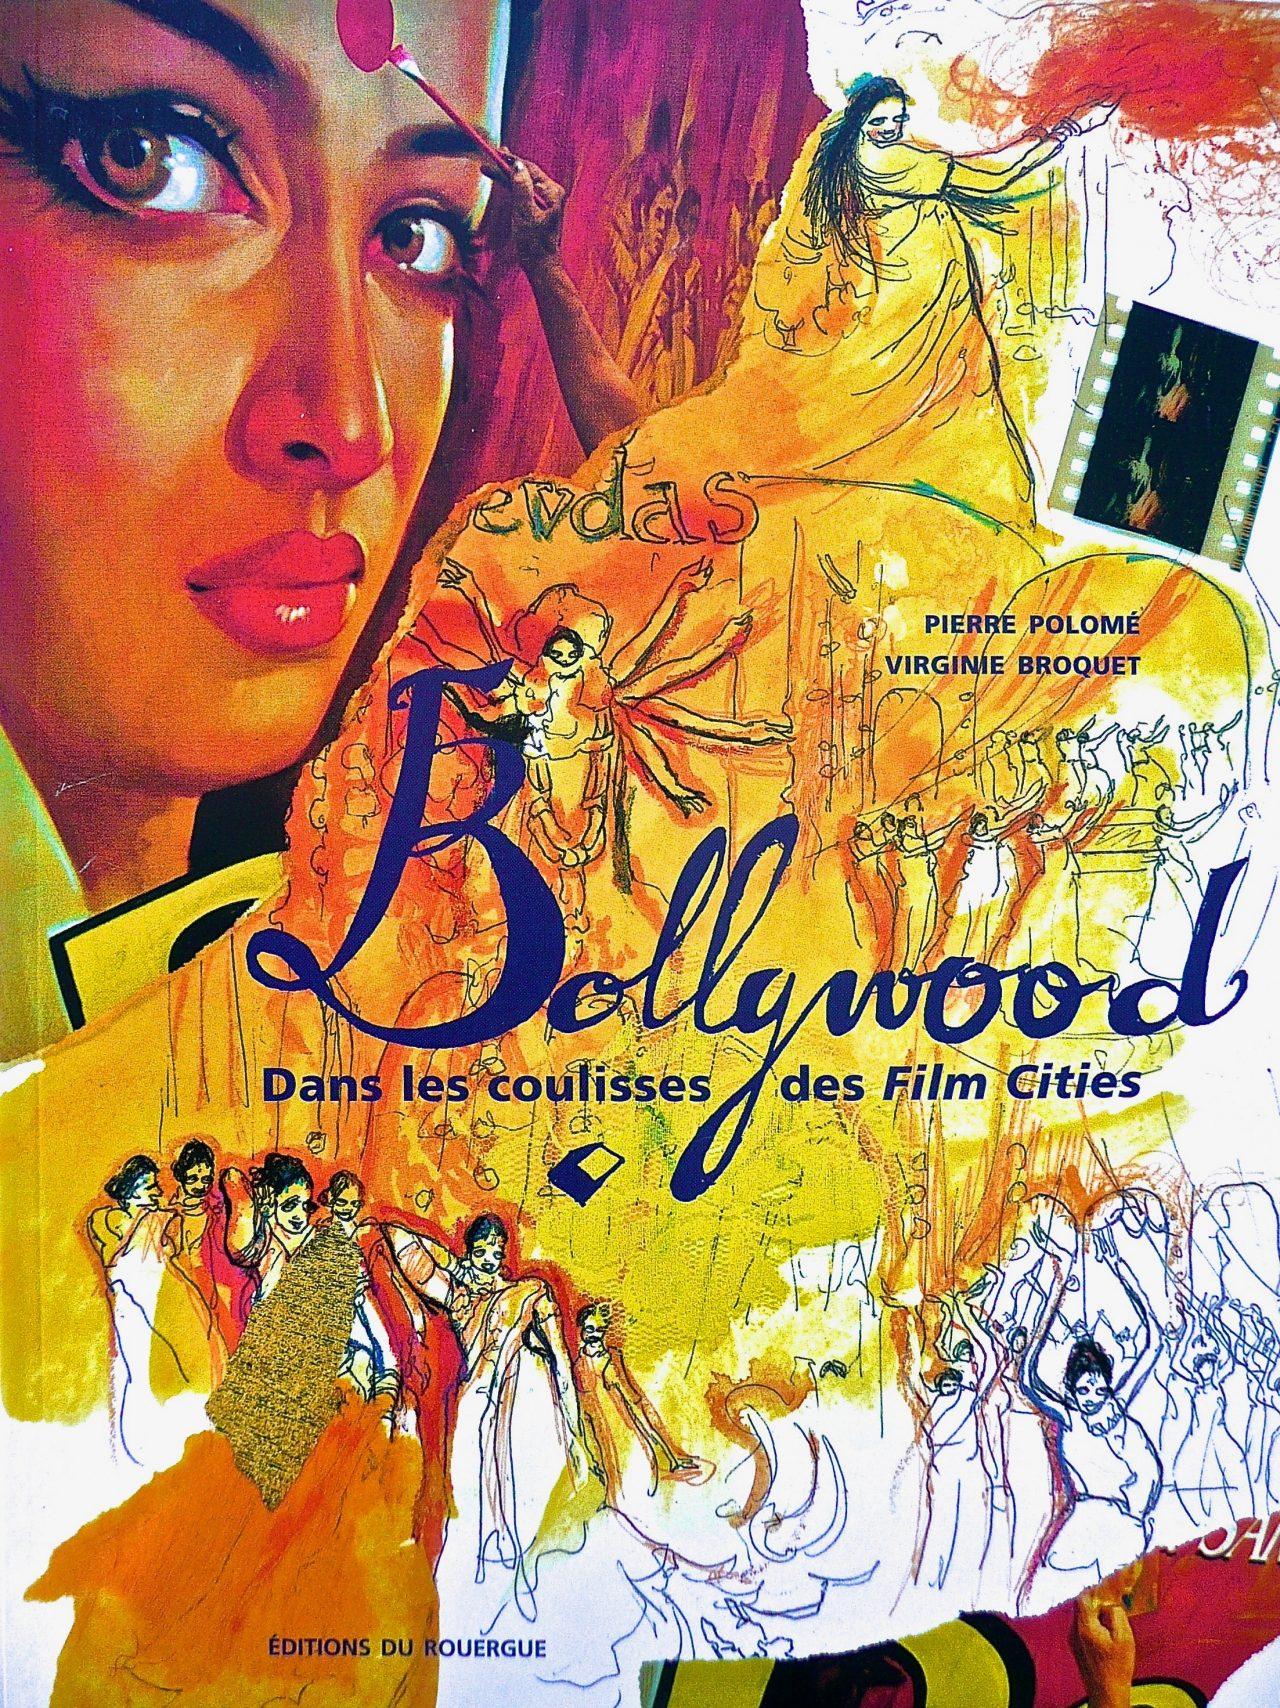 4 Bollywood, éditions du Rouergue, 2005